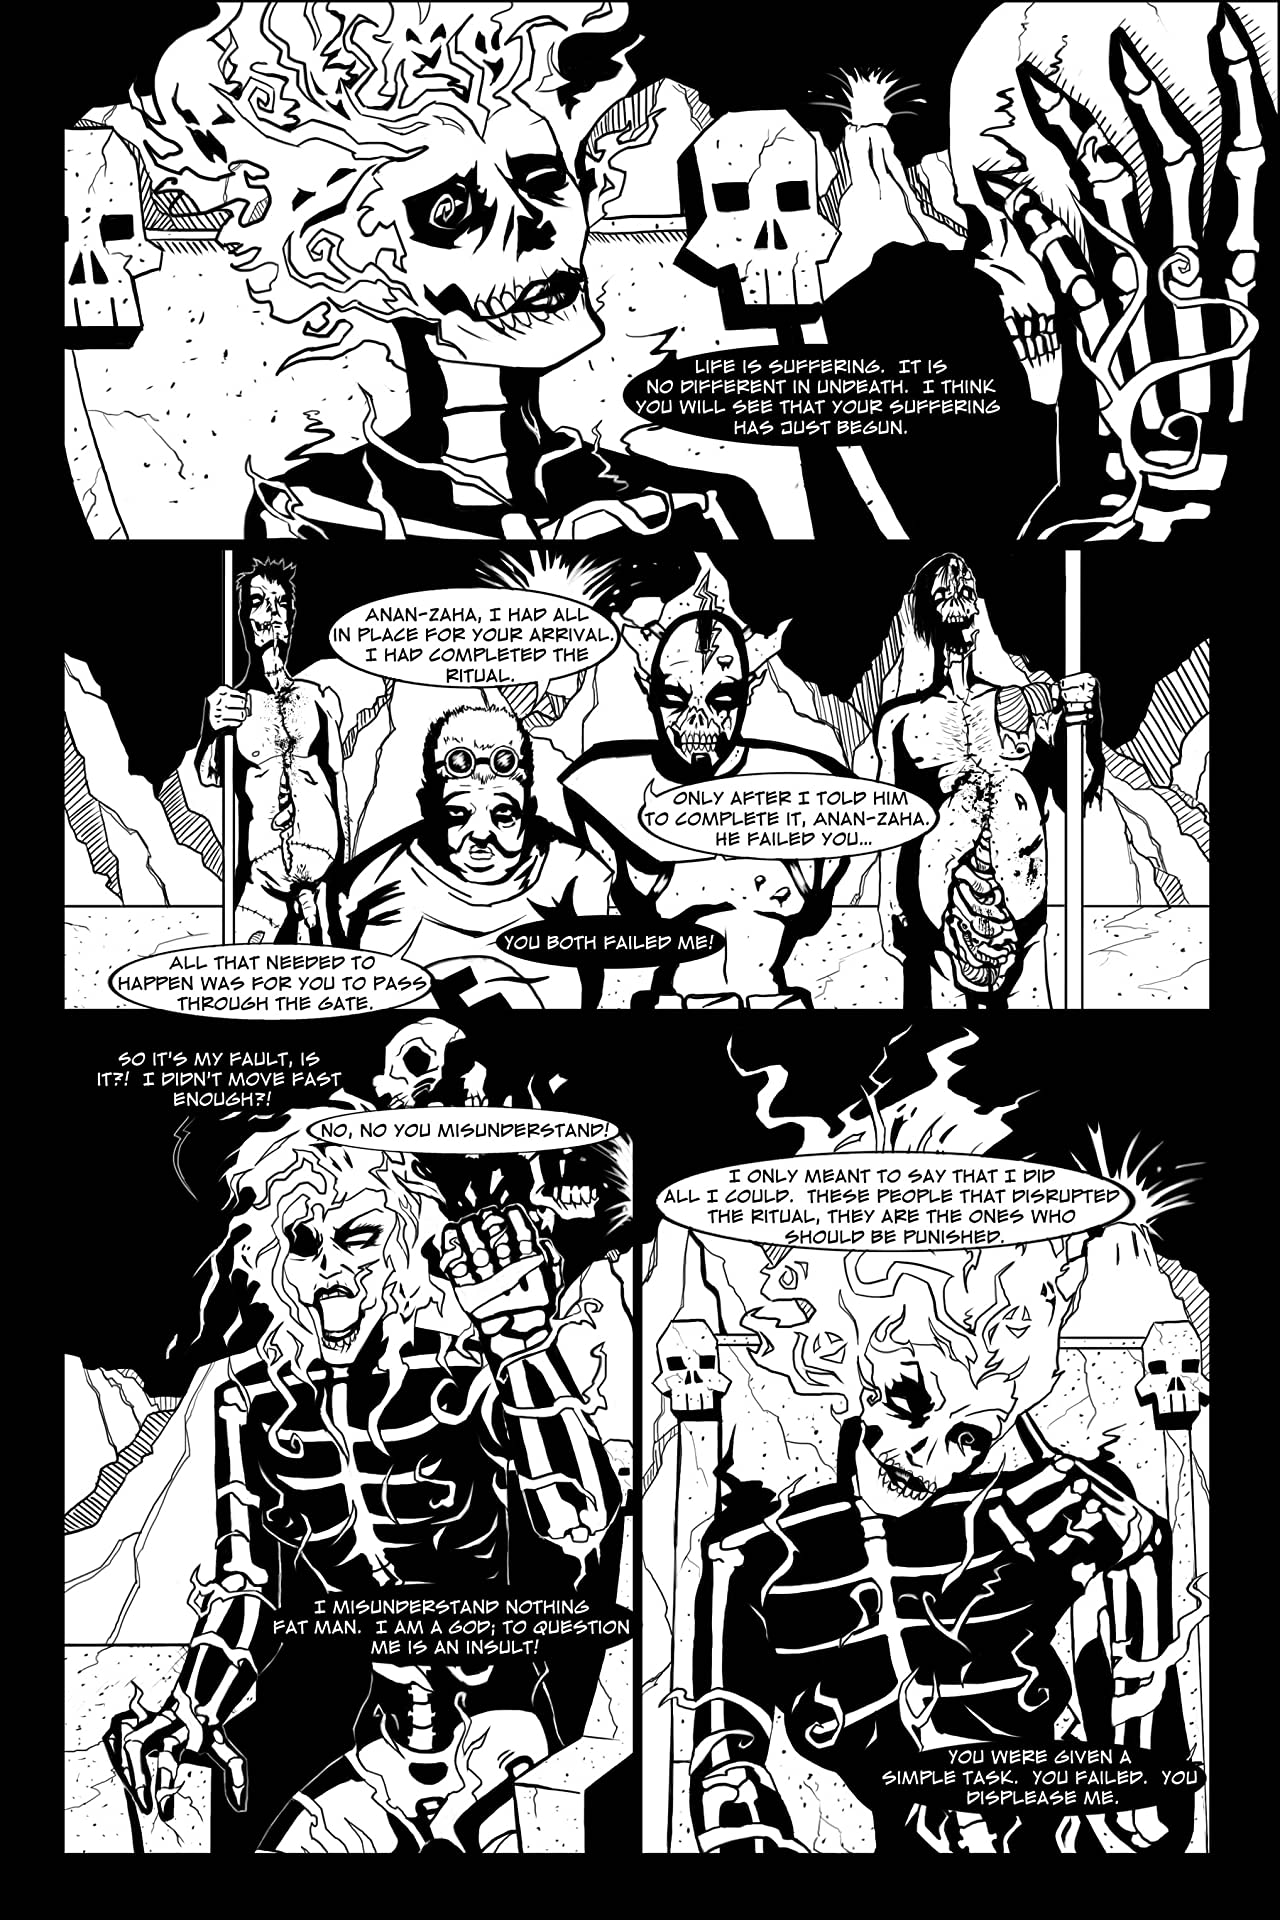 The Calamitous Black Devils #2